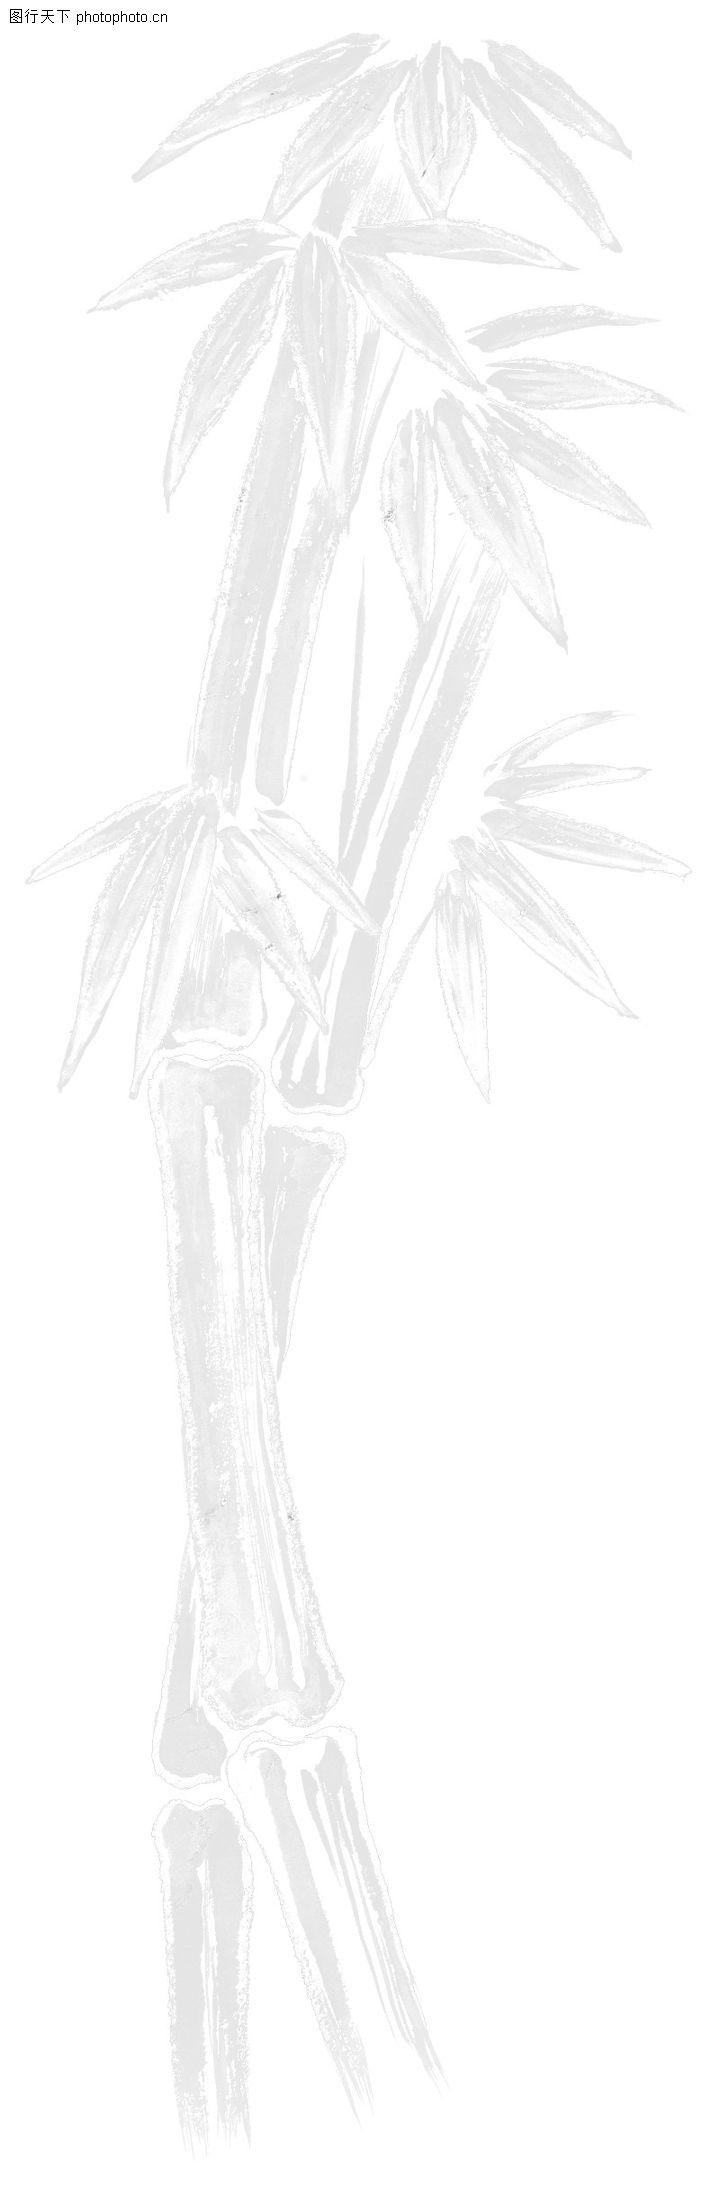 彩绘物件,花纹边框,脆竹 竹子 竹叶,彩绘物件0042